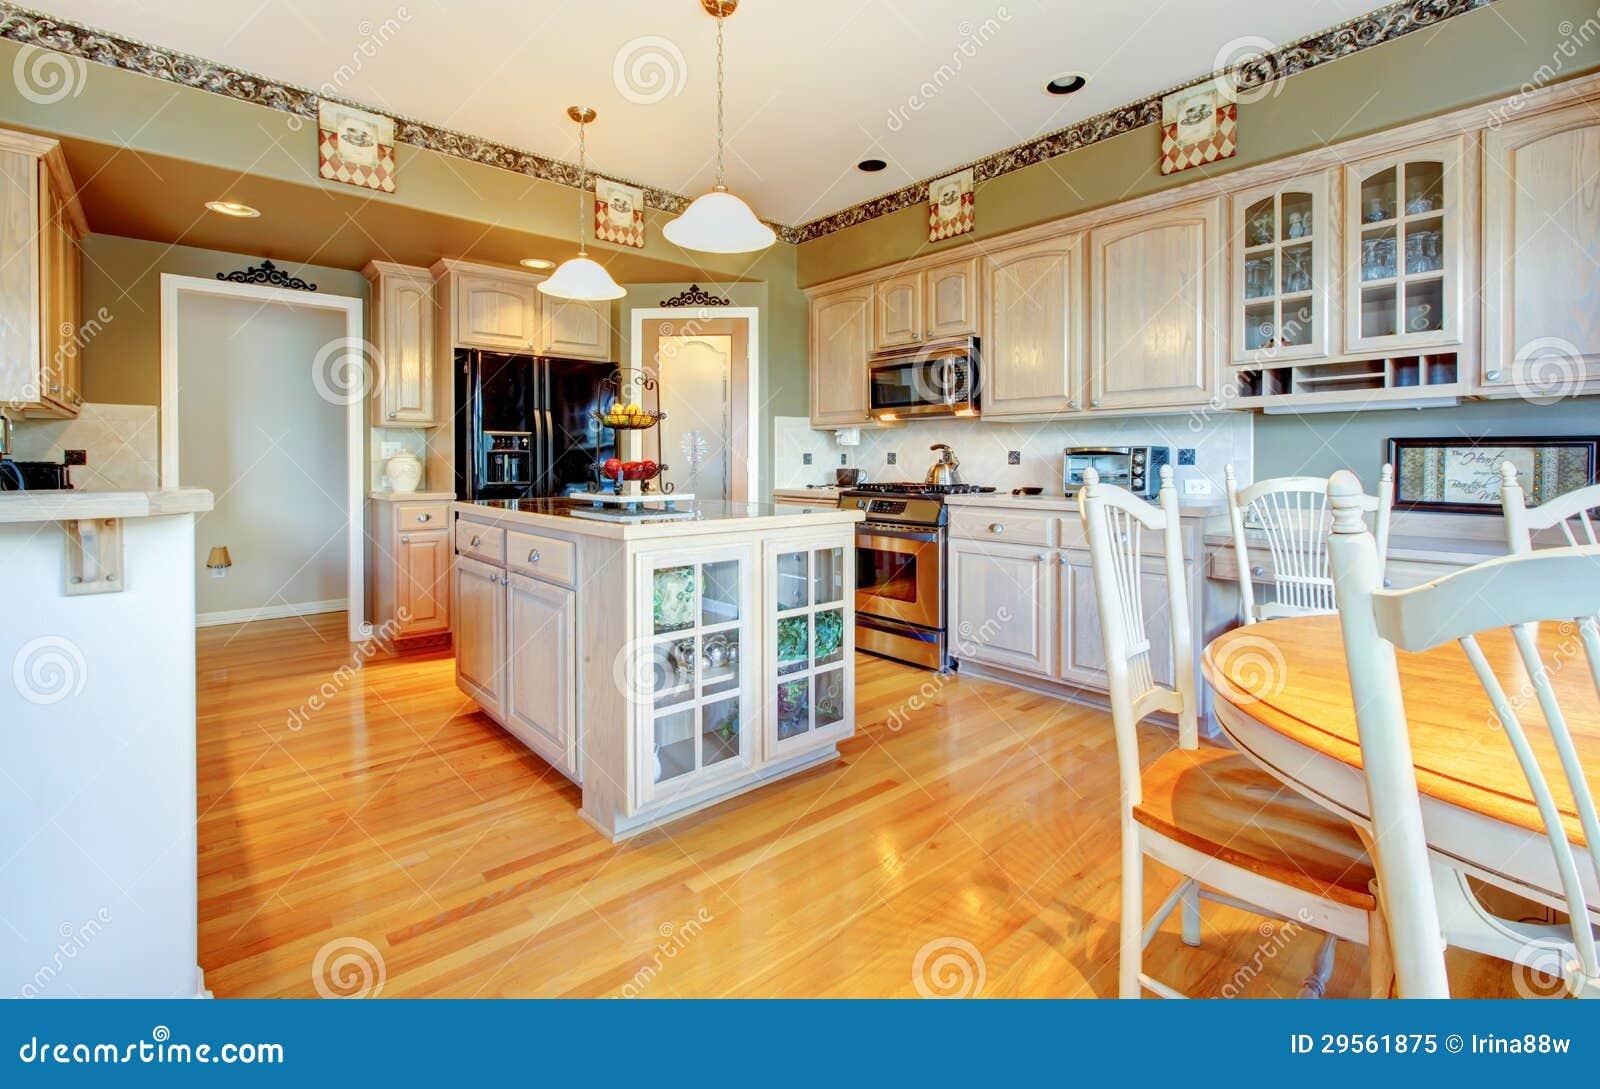 Grote mooie witte keuken met hardhoutvloer en groene muren royalty vrije stock foto - Groene en witte keuken ...